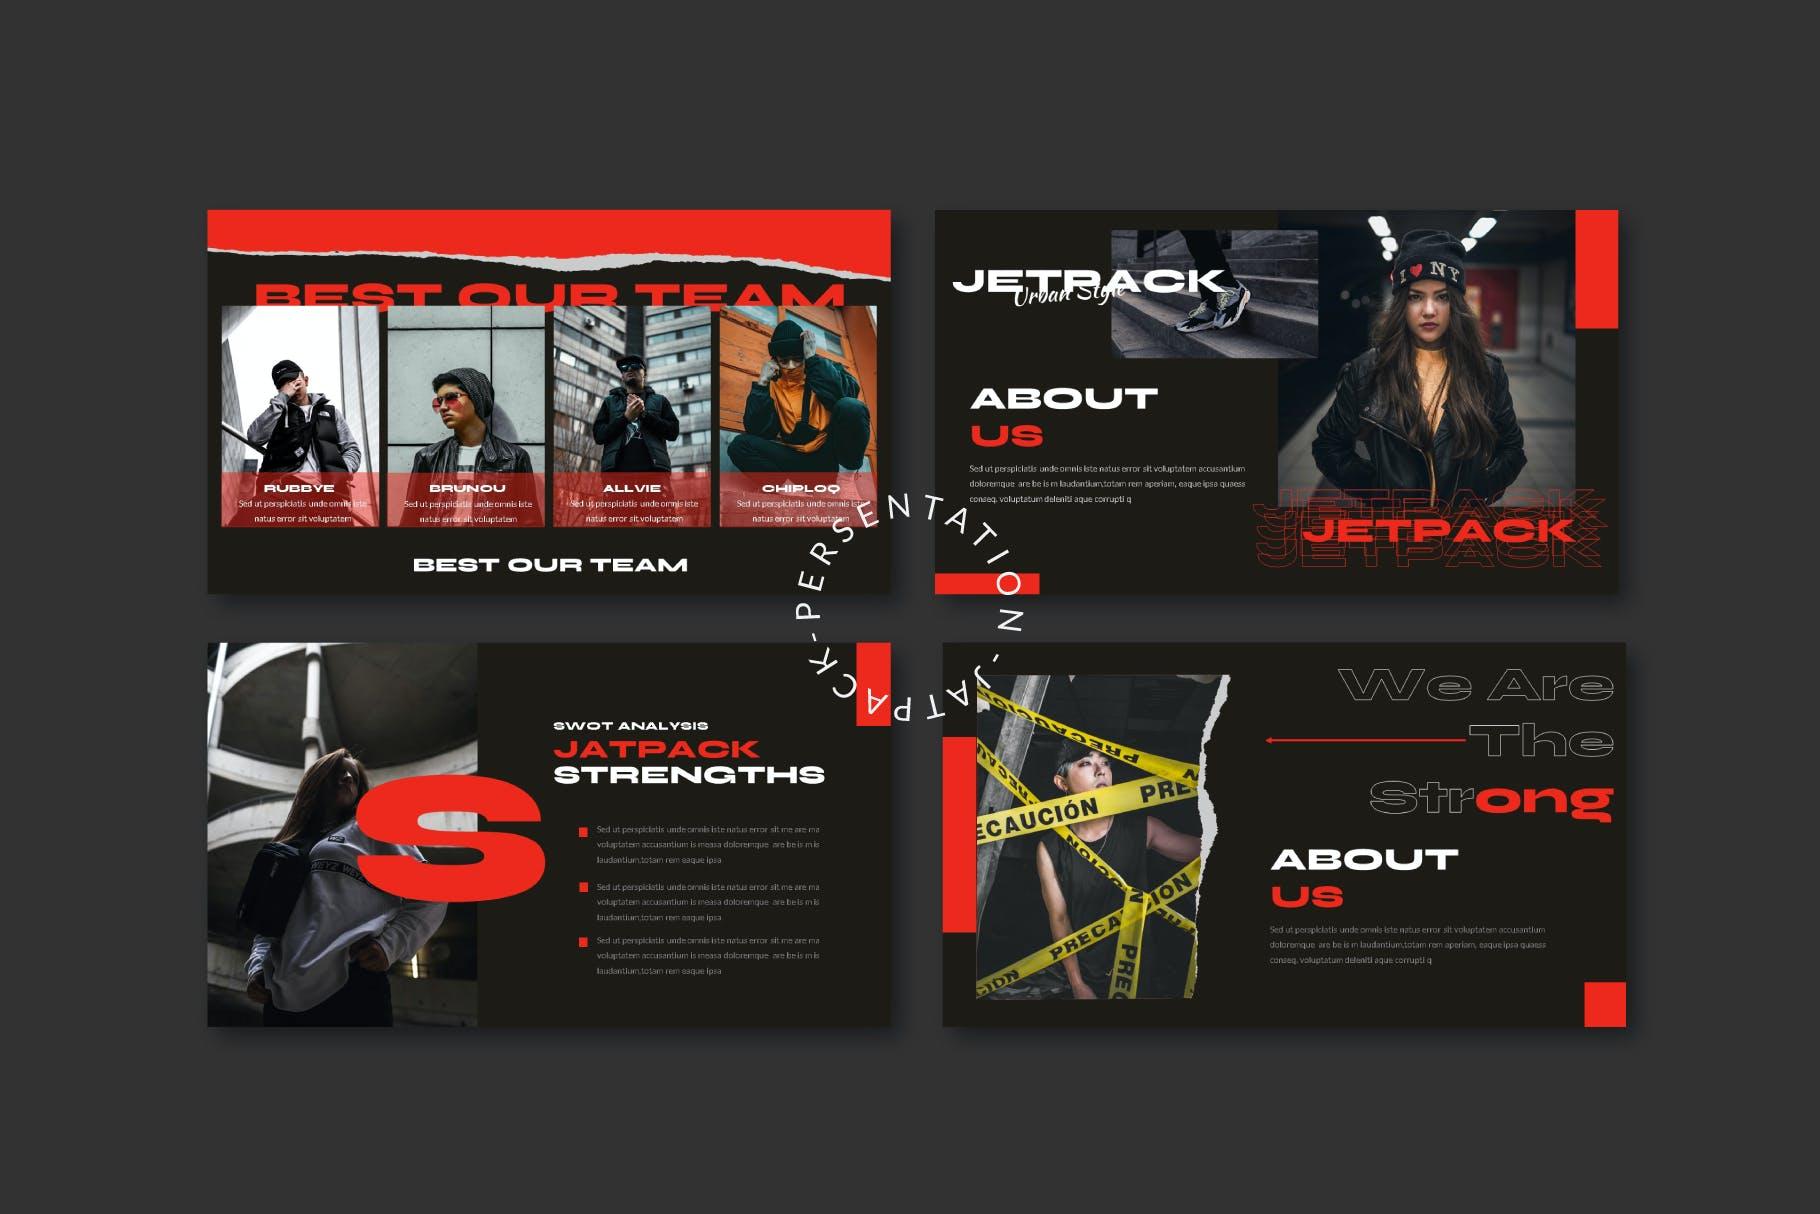 时尚潮流街头文化潮牌品牌推广深色PPT演示文稿模板 Jetpack – Powerpoint Template插图(4)